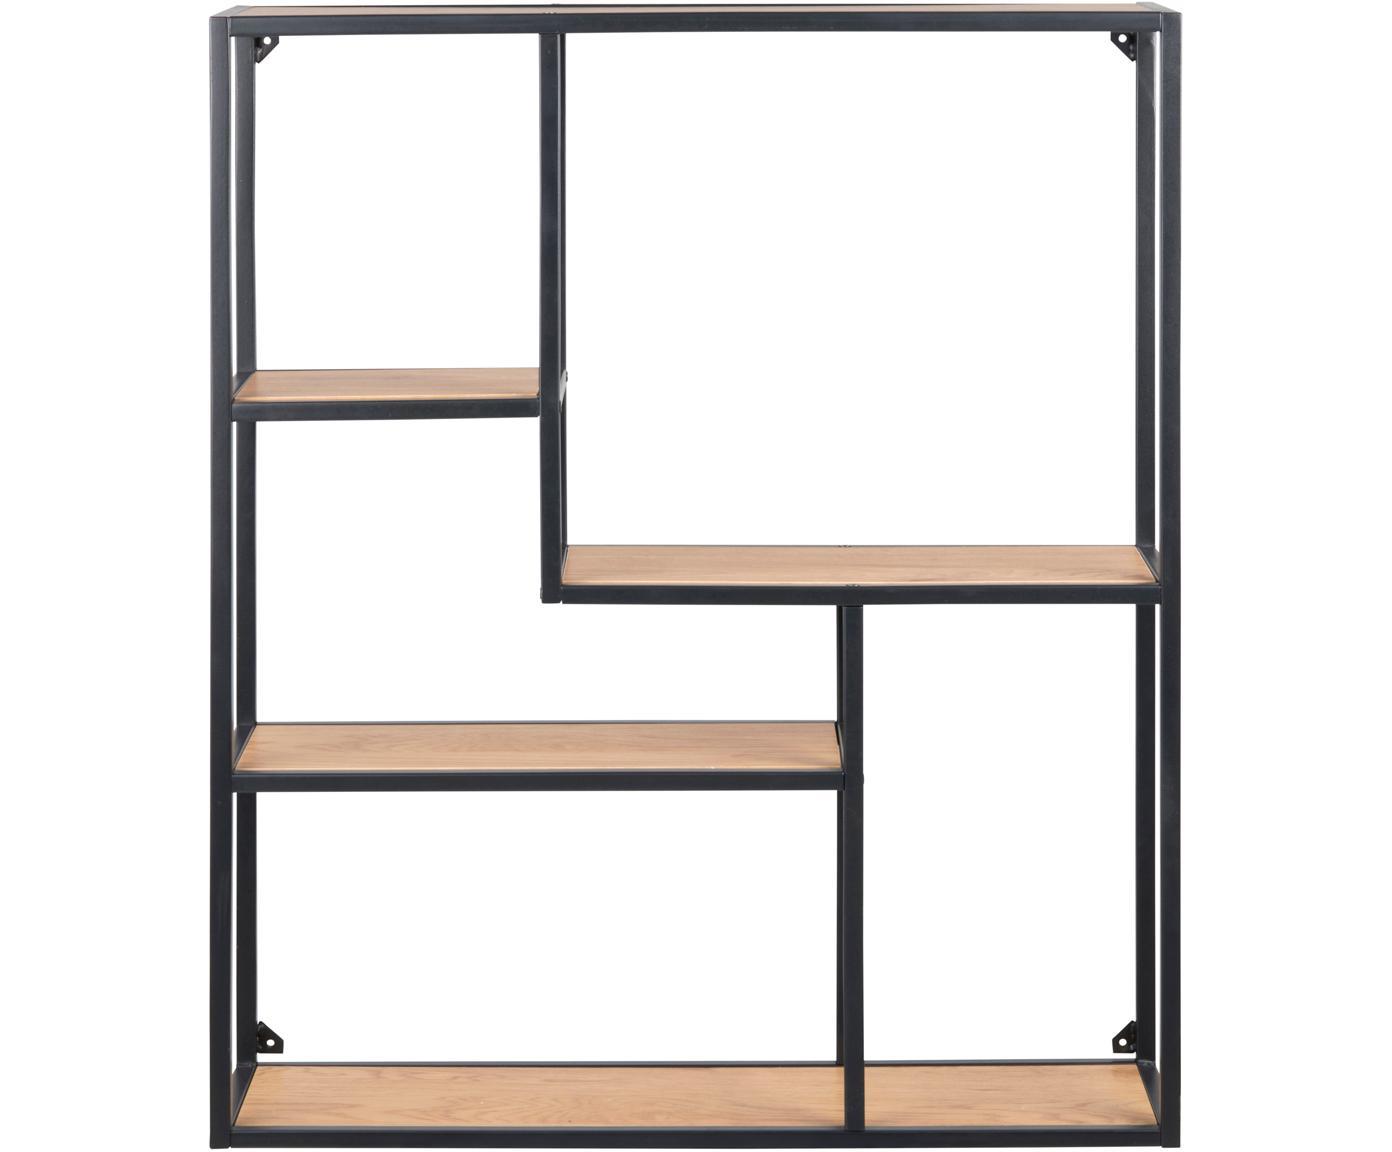 Metalen wandrek Seaford Zig, Frame: gepoedercoat metaal, Planken: eikenhoutkleurig. Frame: zwart, 75 x 91 cm